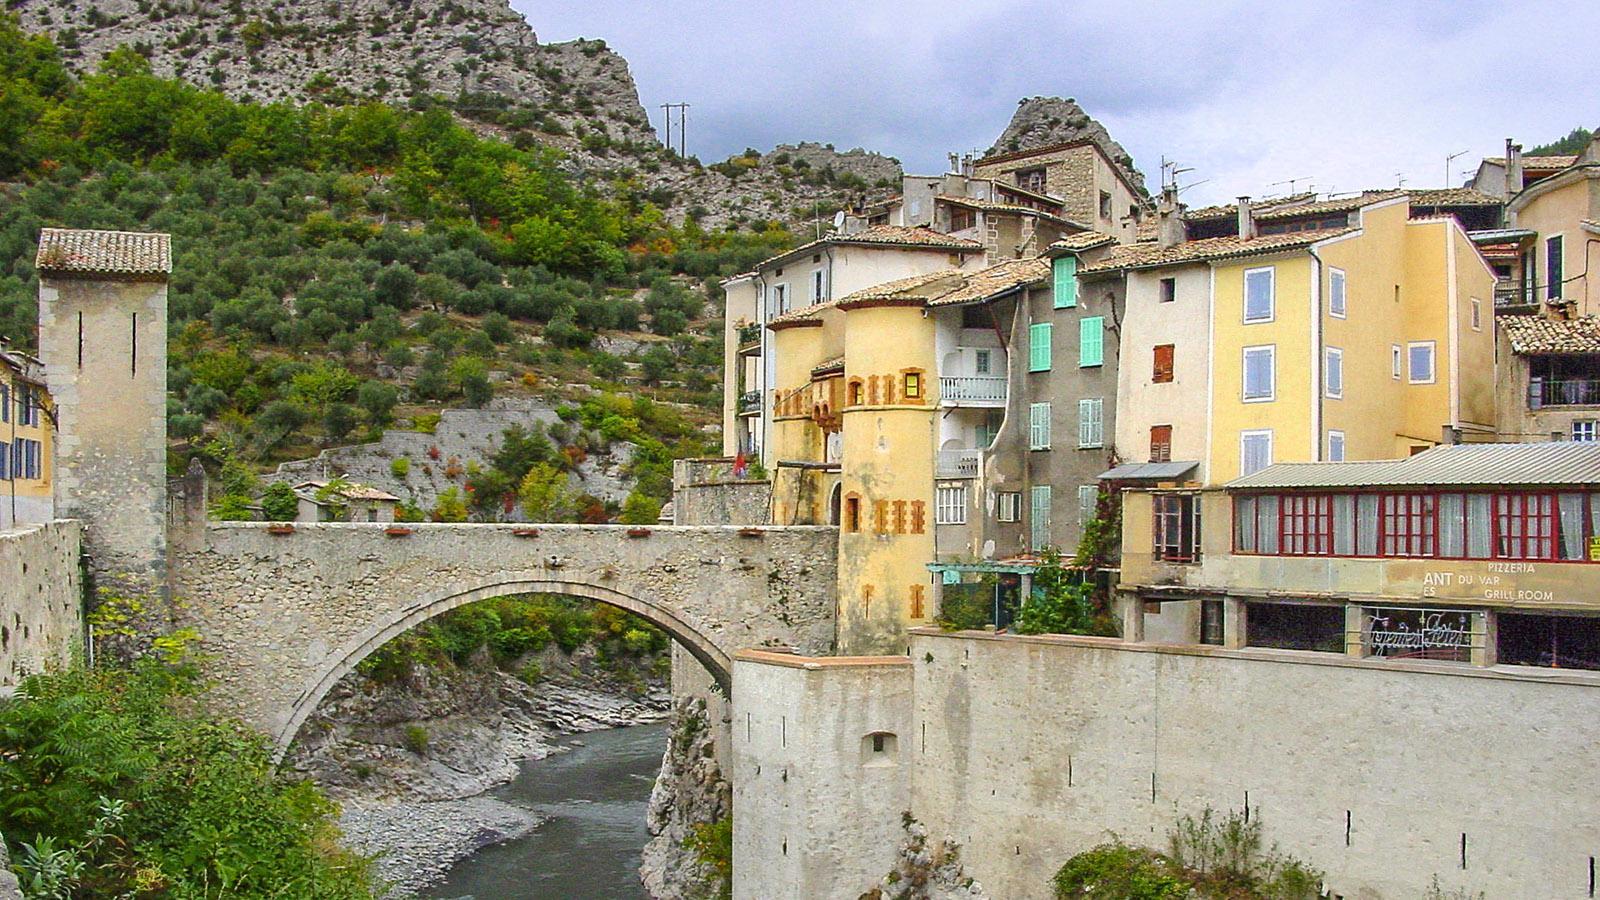 Entrevaux: Eine Brücke überspannt den Var und führt durch ein mächtiges Stadttor samt Zugbrücke in den mittelalterlichen Ortskern. Foto: Hilke Maunder